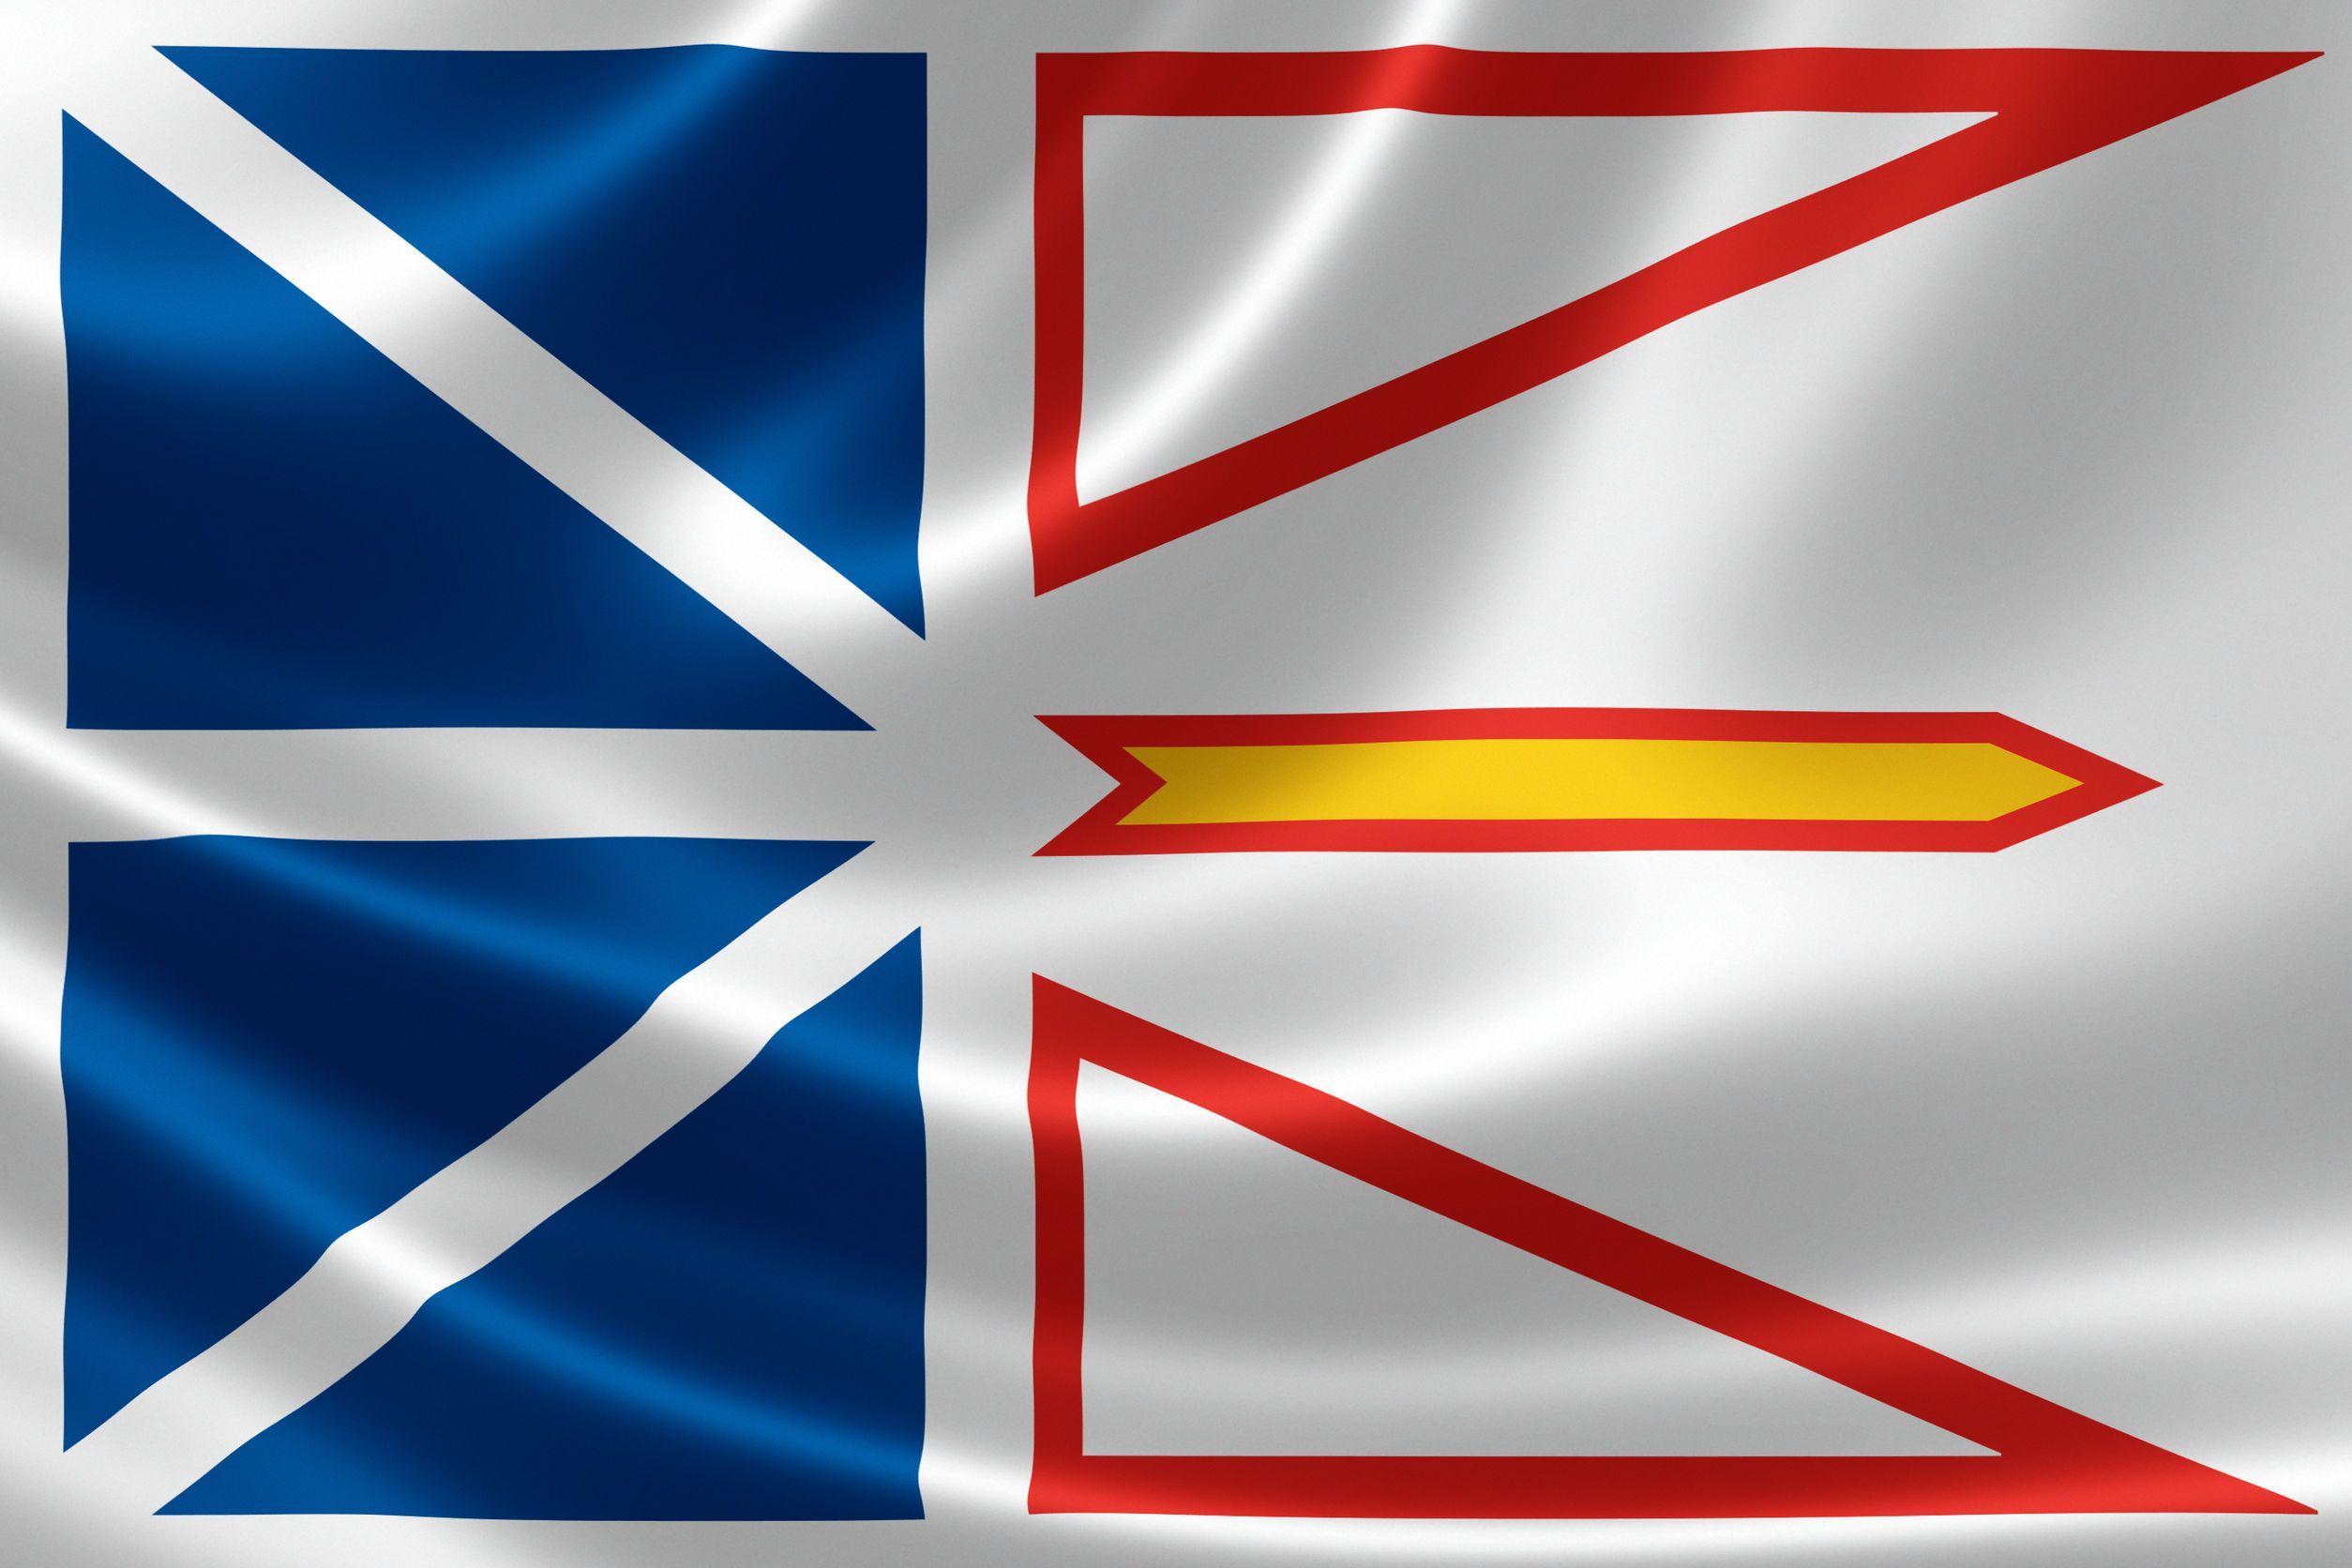 newfoundland recreational cannabis, Provincial Preview: Newfoundland's cannabis entrepreneurs temper expectations